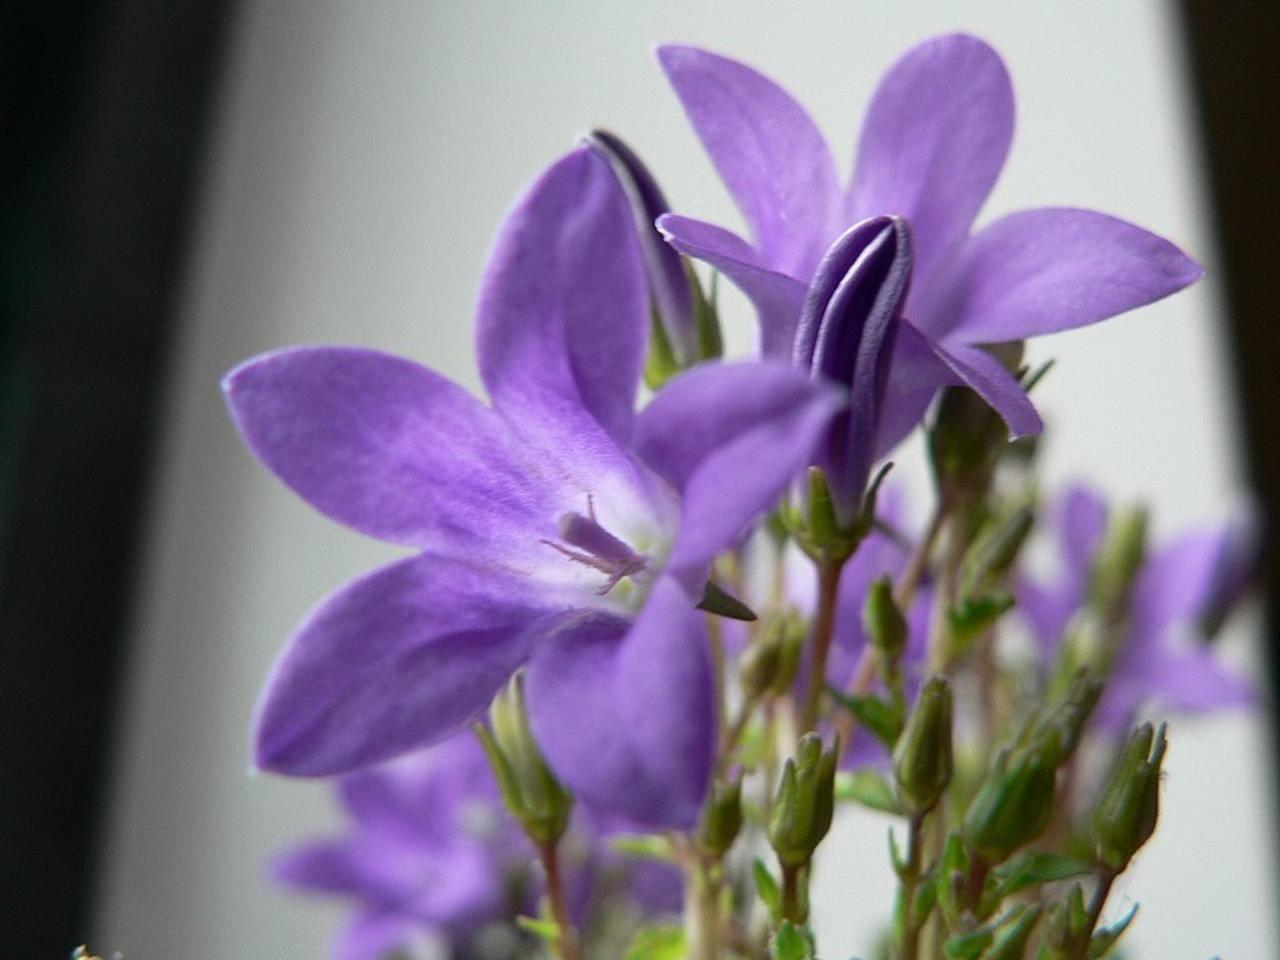 Description Purple flowers close up photo jpgLavender Flower Close Up